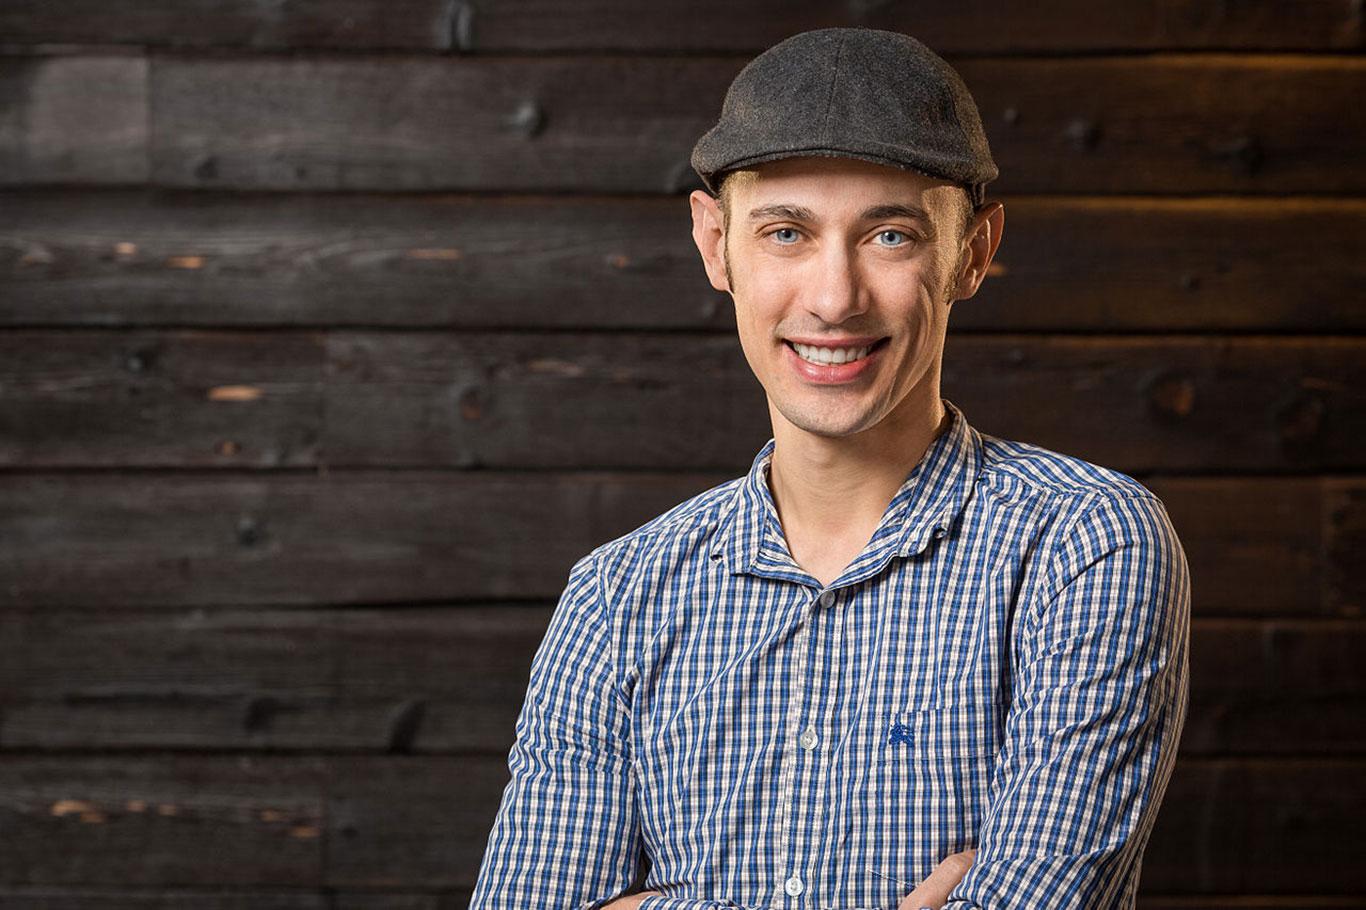 Shopify.com's CEO, Tobias Lütke.